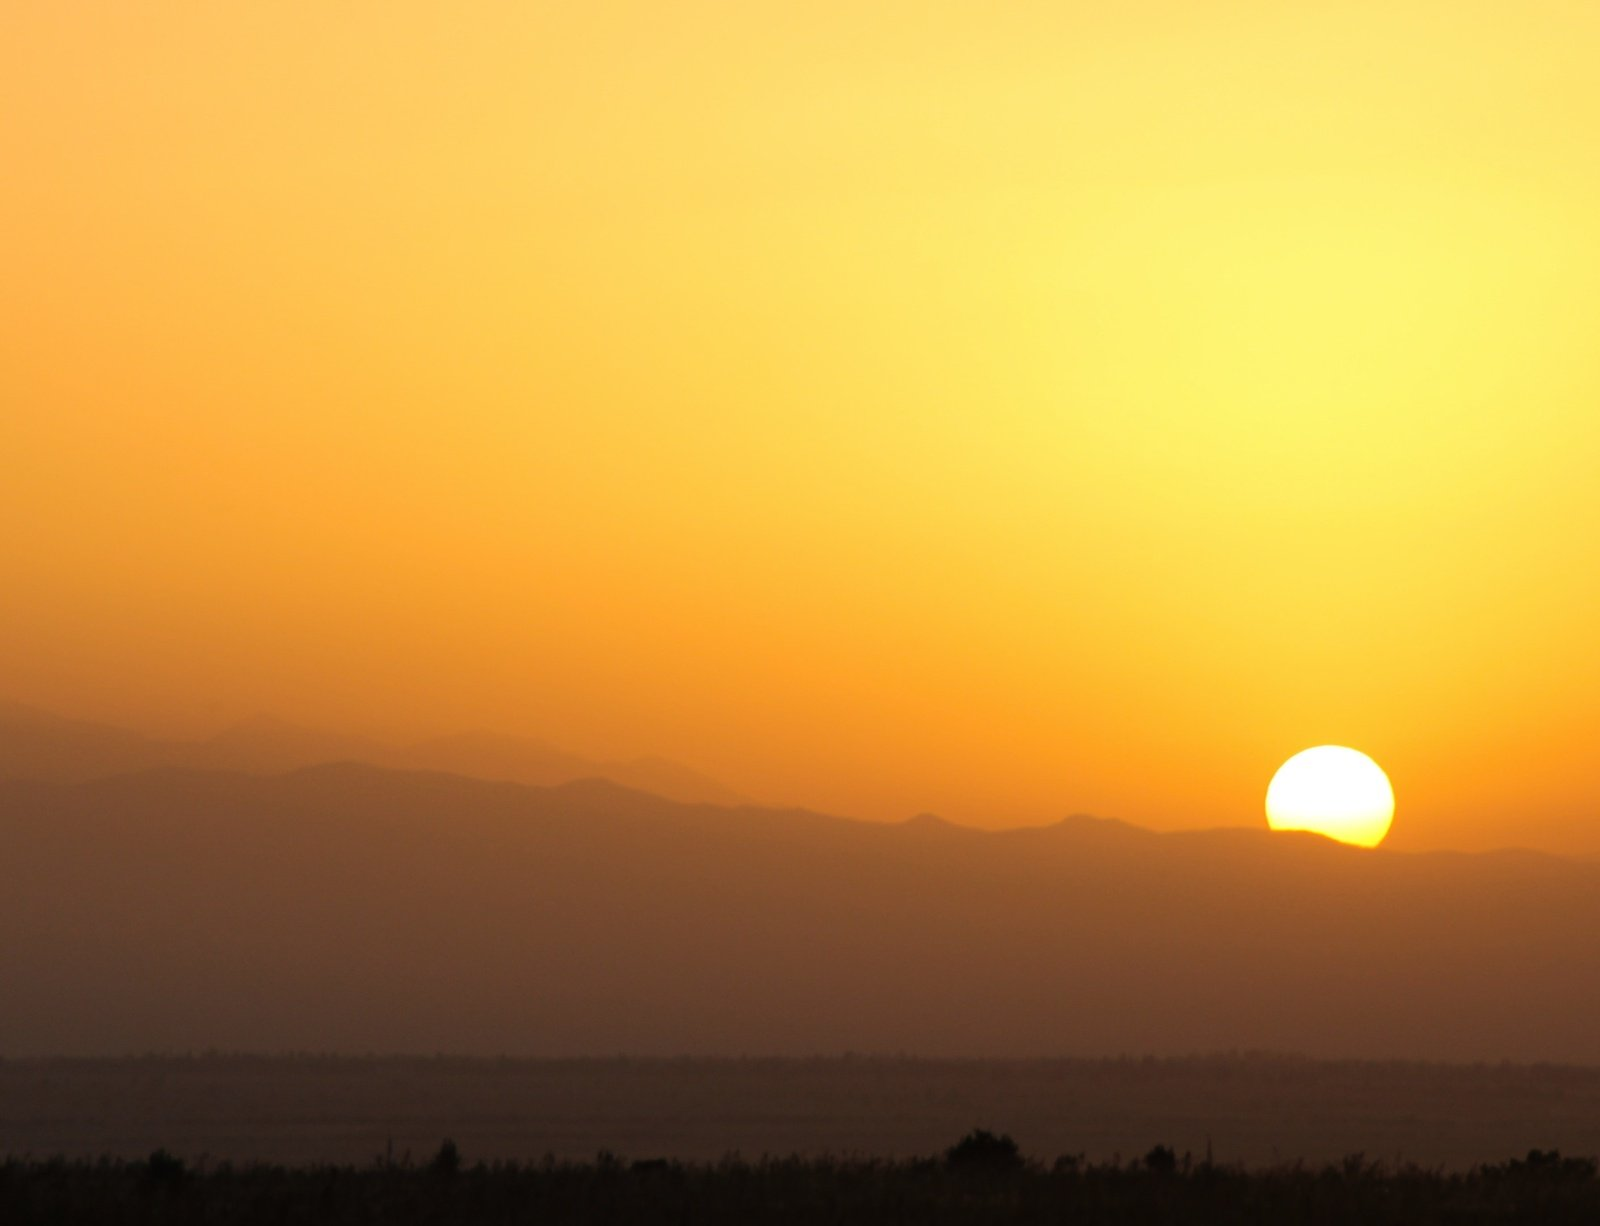 Ši vasara šiauriniame Žemės pusrutulyje buvo karščiausia istorijoje